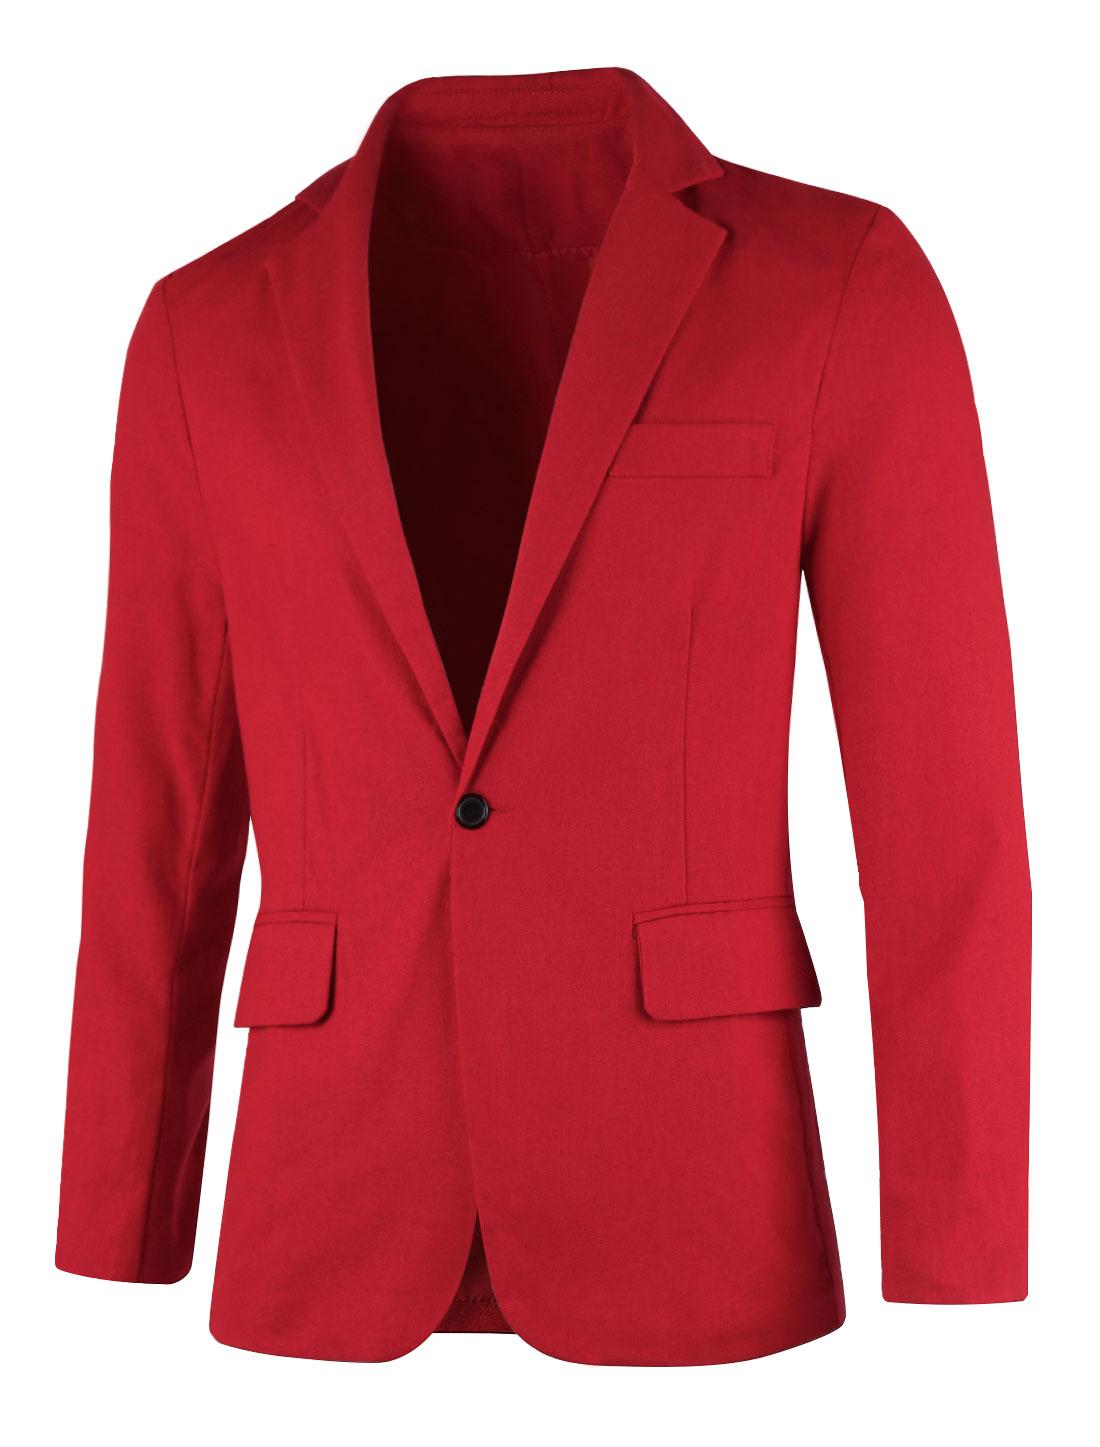 Men Notched Lapel Button Down Slim Fit Linen Jacket Burgundy S